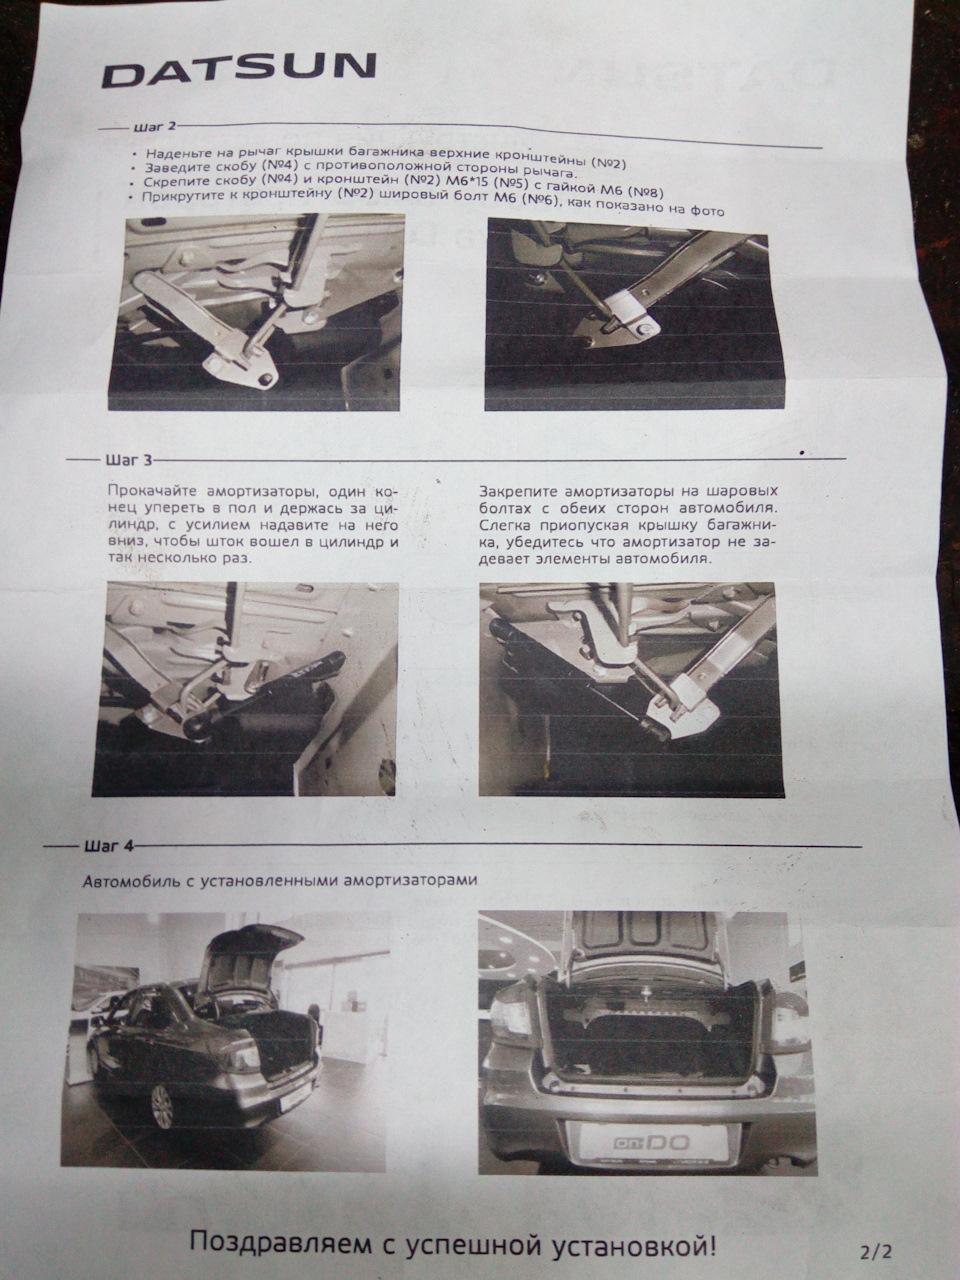 e8dd4fes 960 Самостоятельная установка газовых упоров на крышку багажника Датсун он До